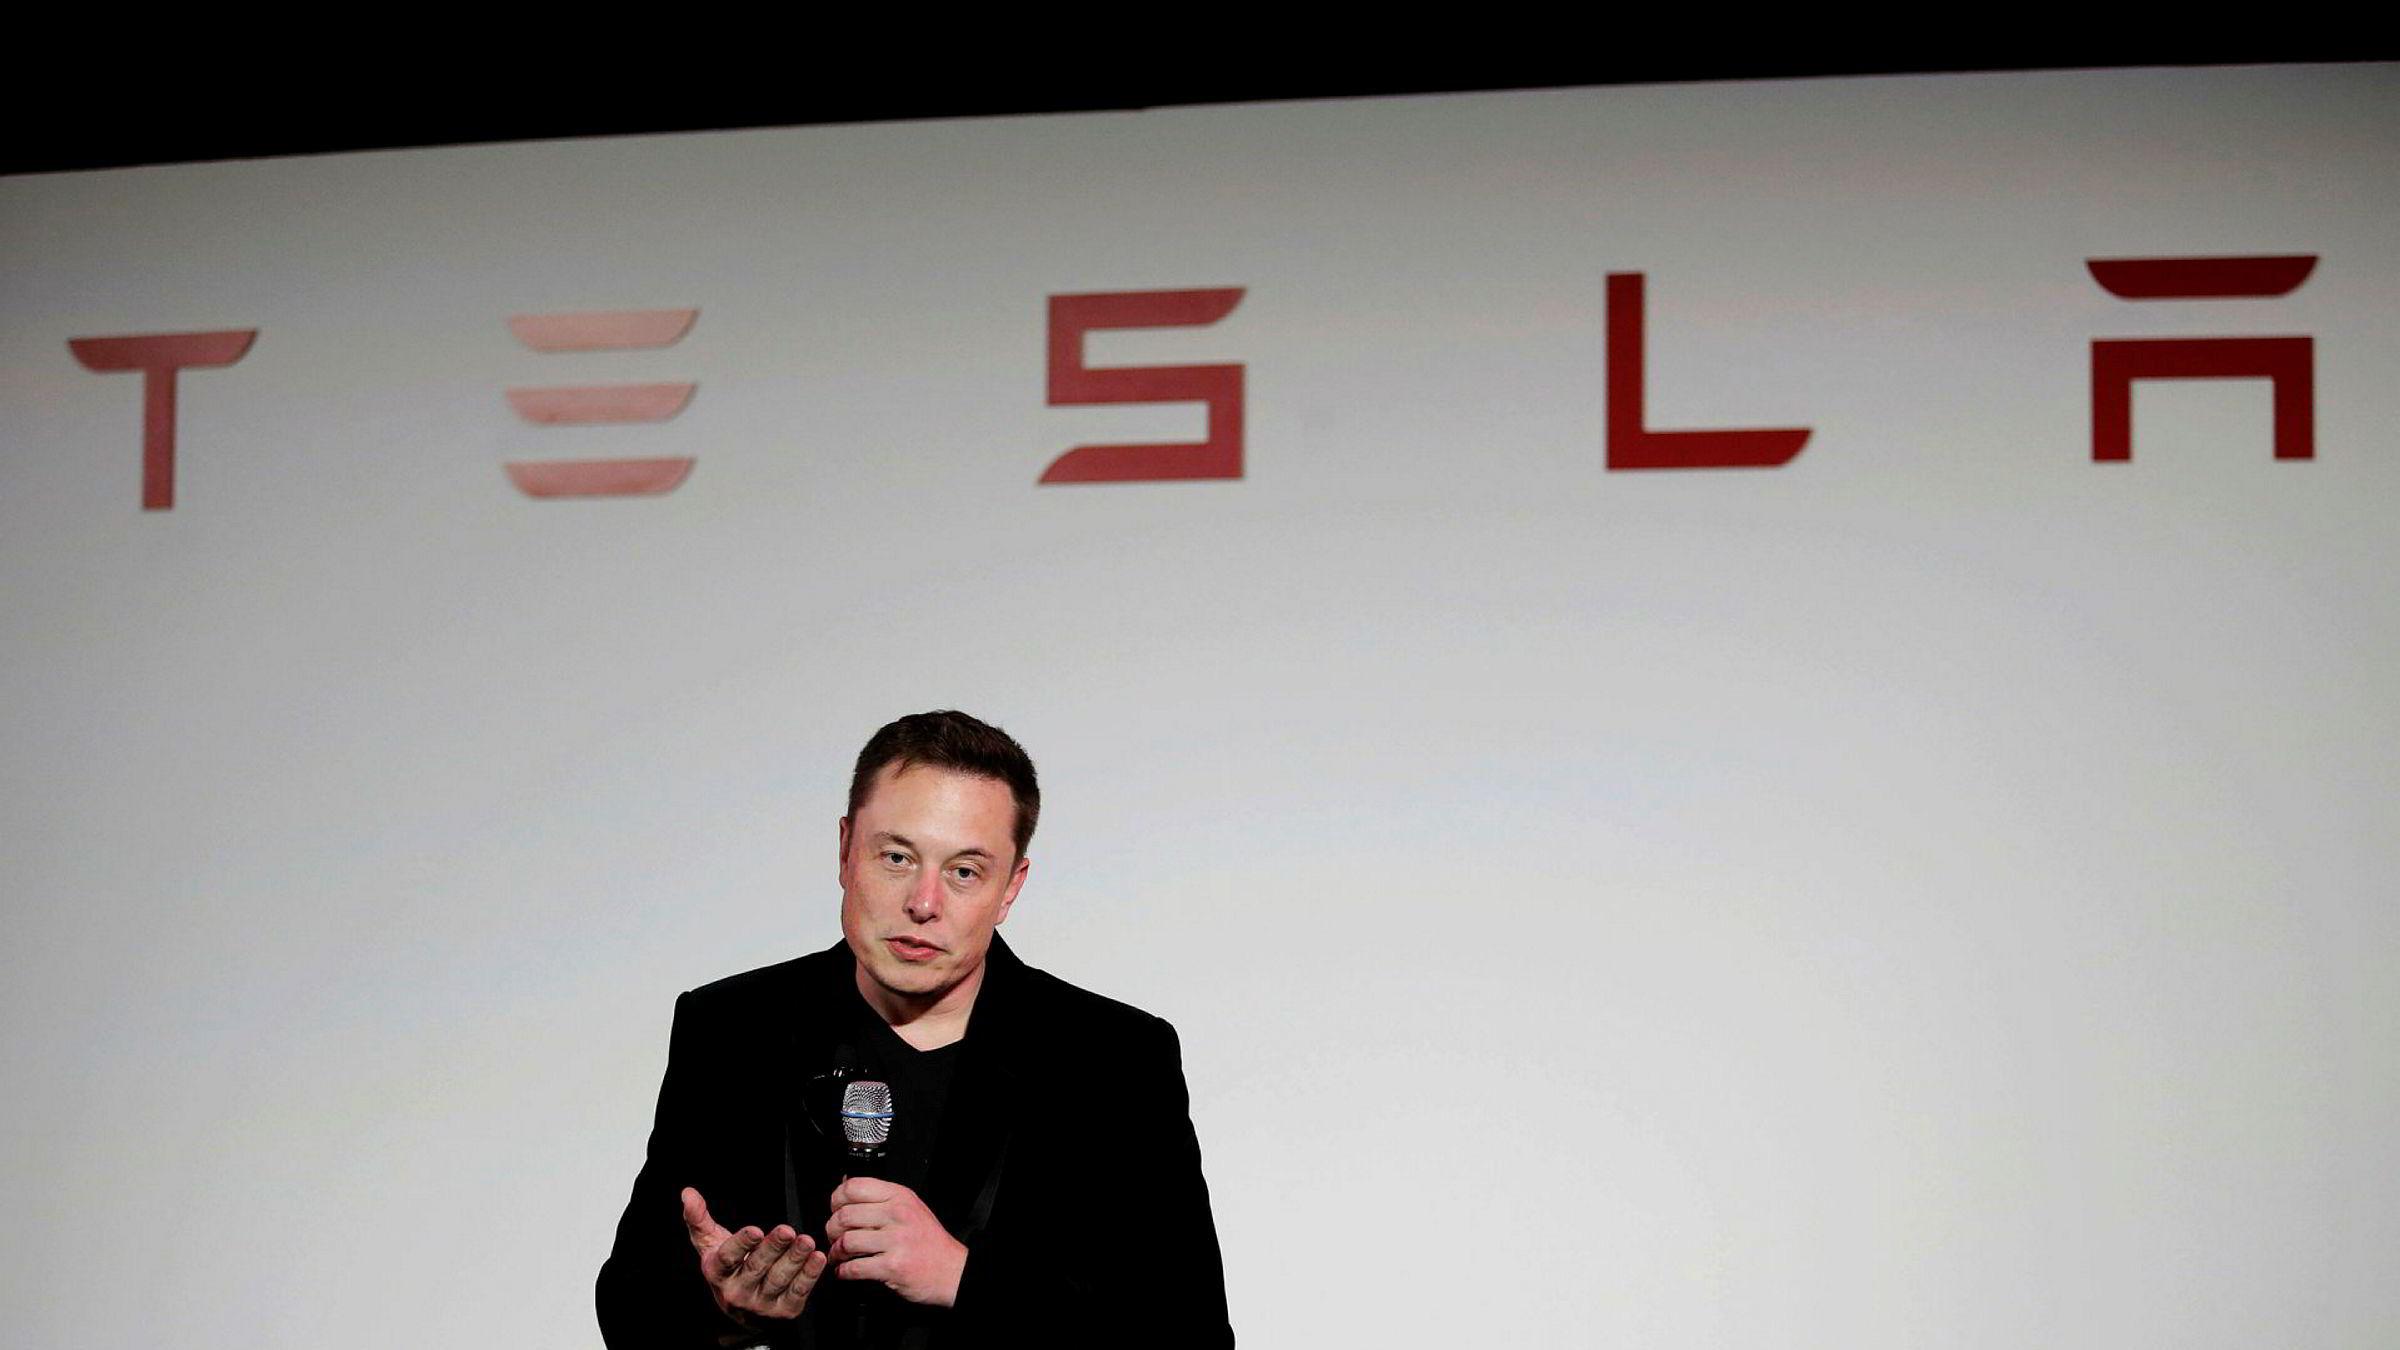 Elon Musk virker svært spent på det nye Tesla-produktet på Twitter. Her fra selskapets hovedkvarter i California i 2015.